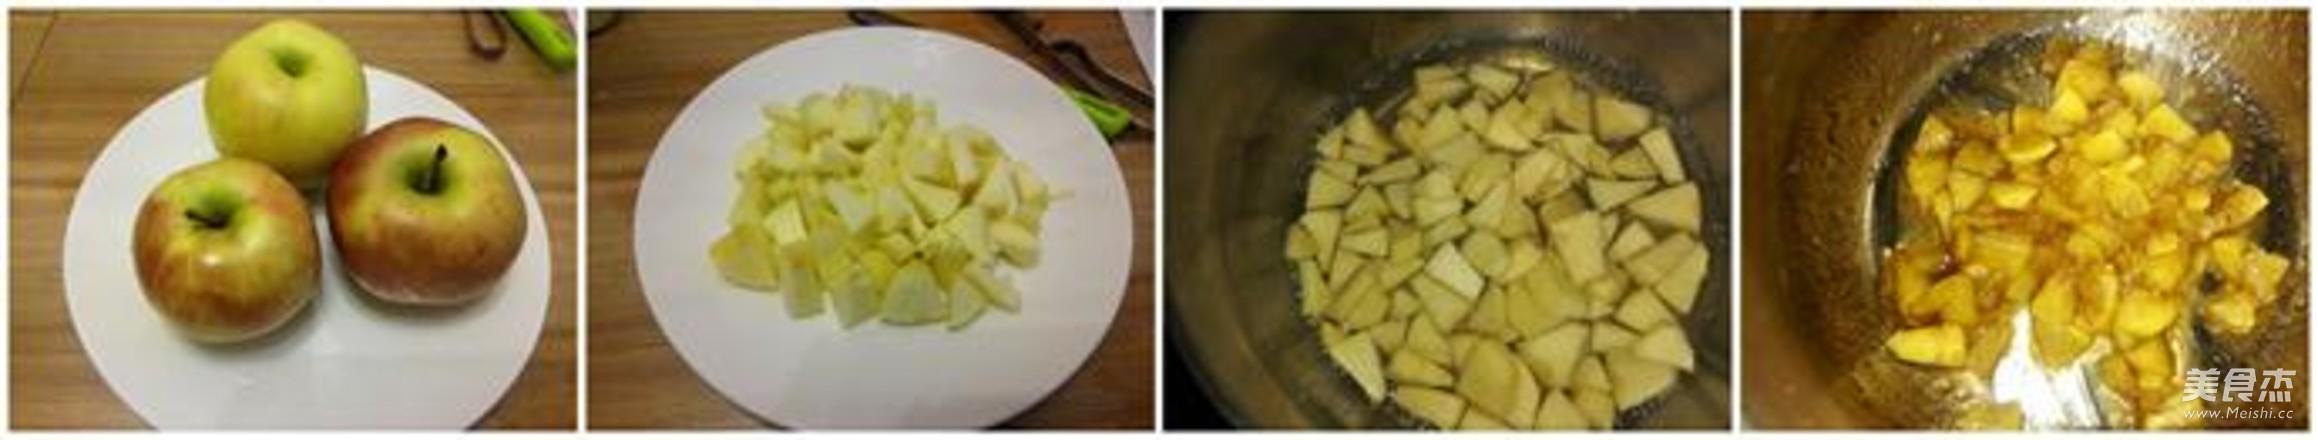 苹果派的步骤